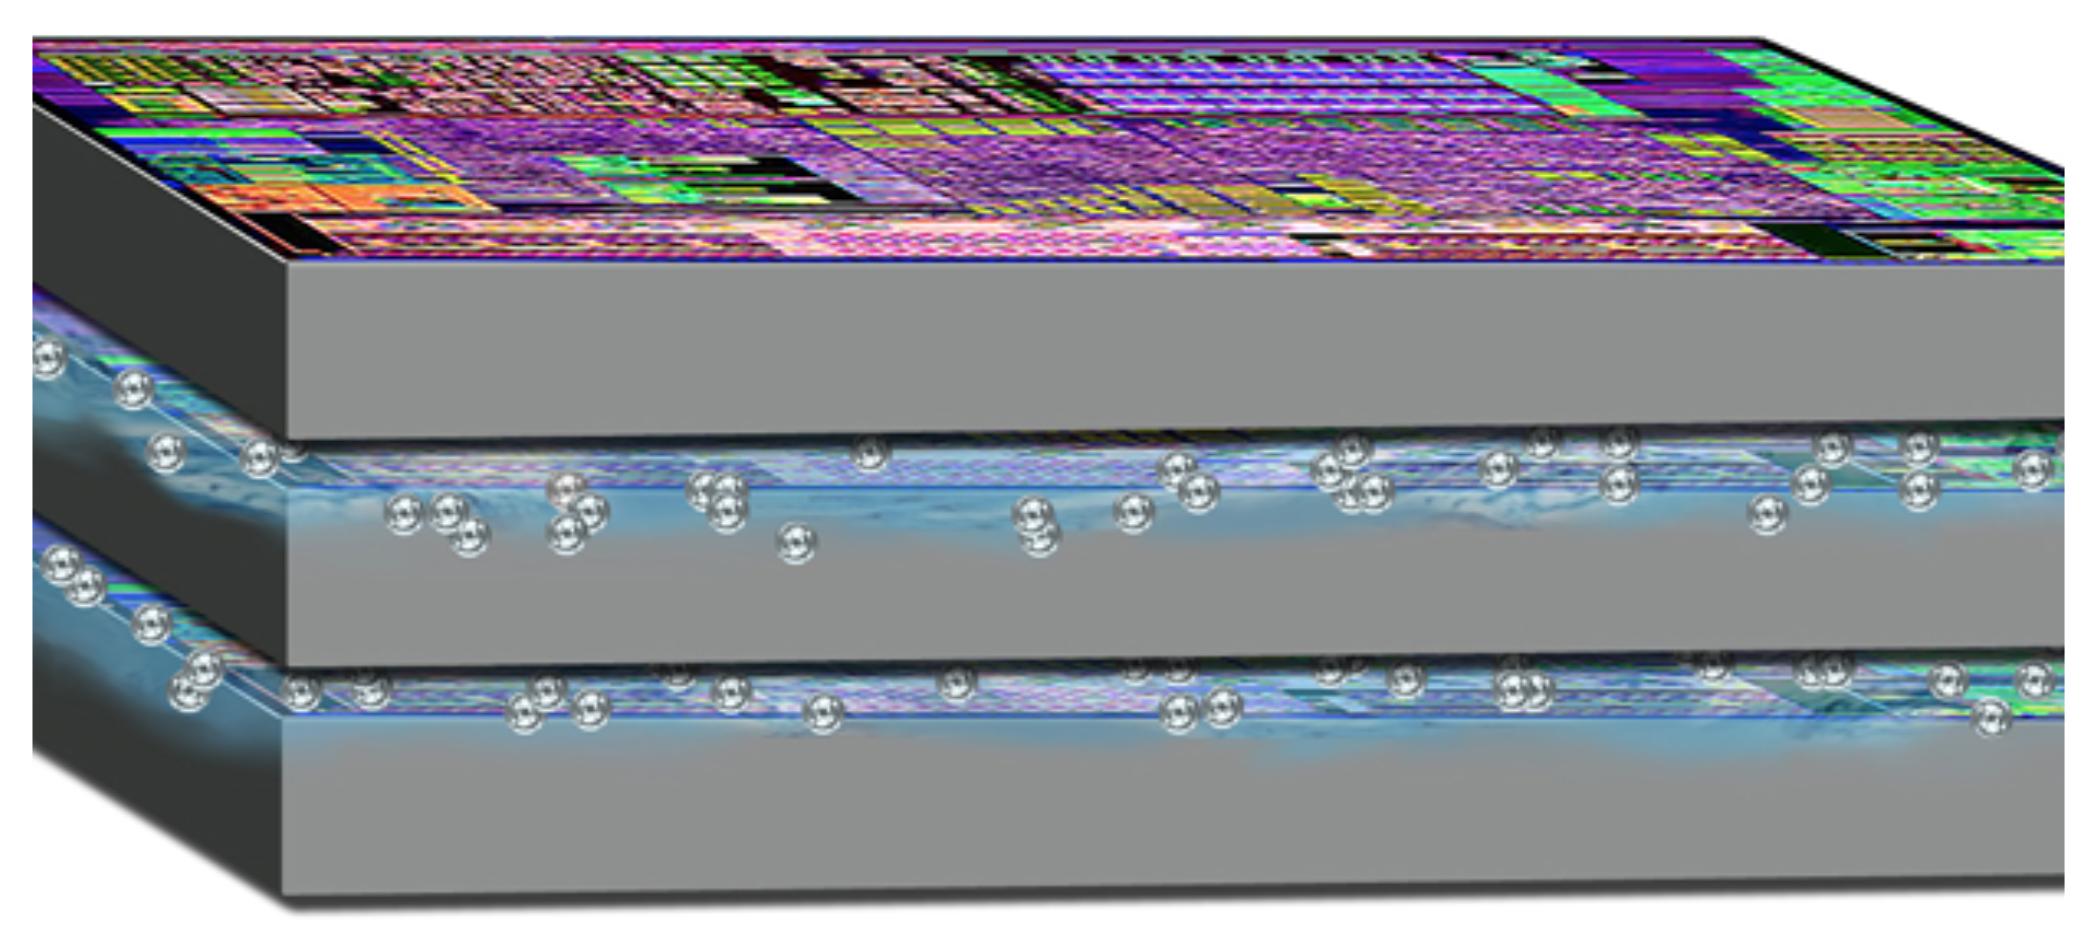 rcj_DARPA-ICECool_1_1504214847